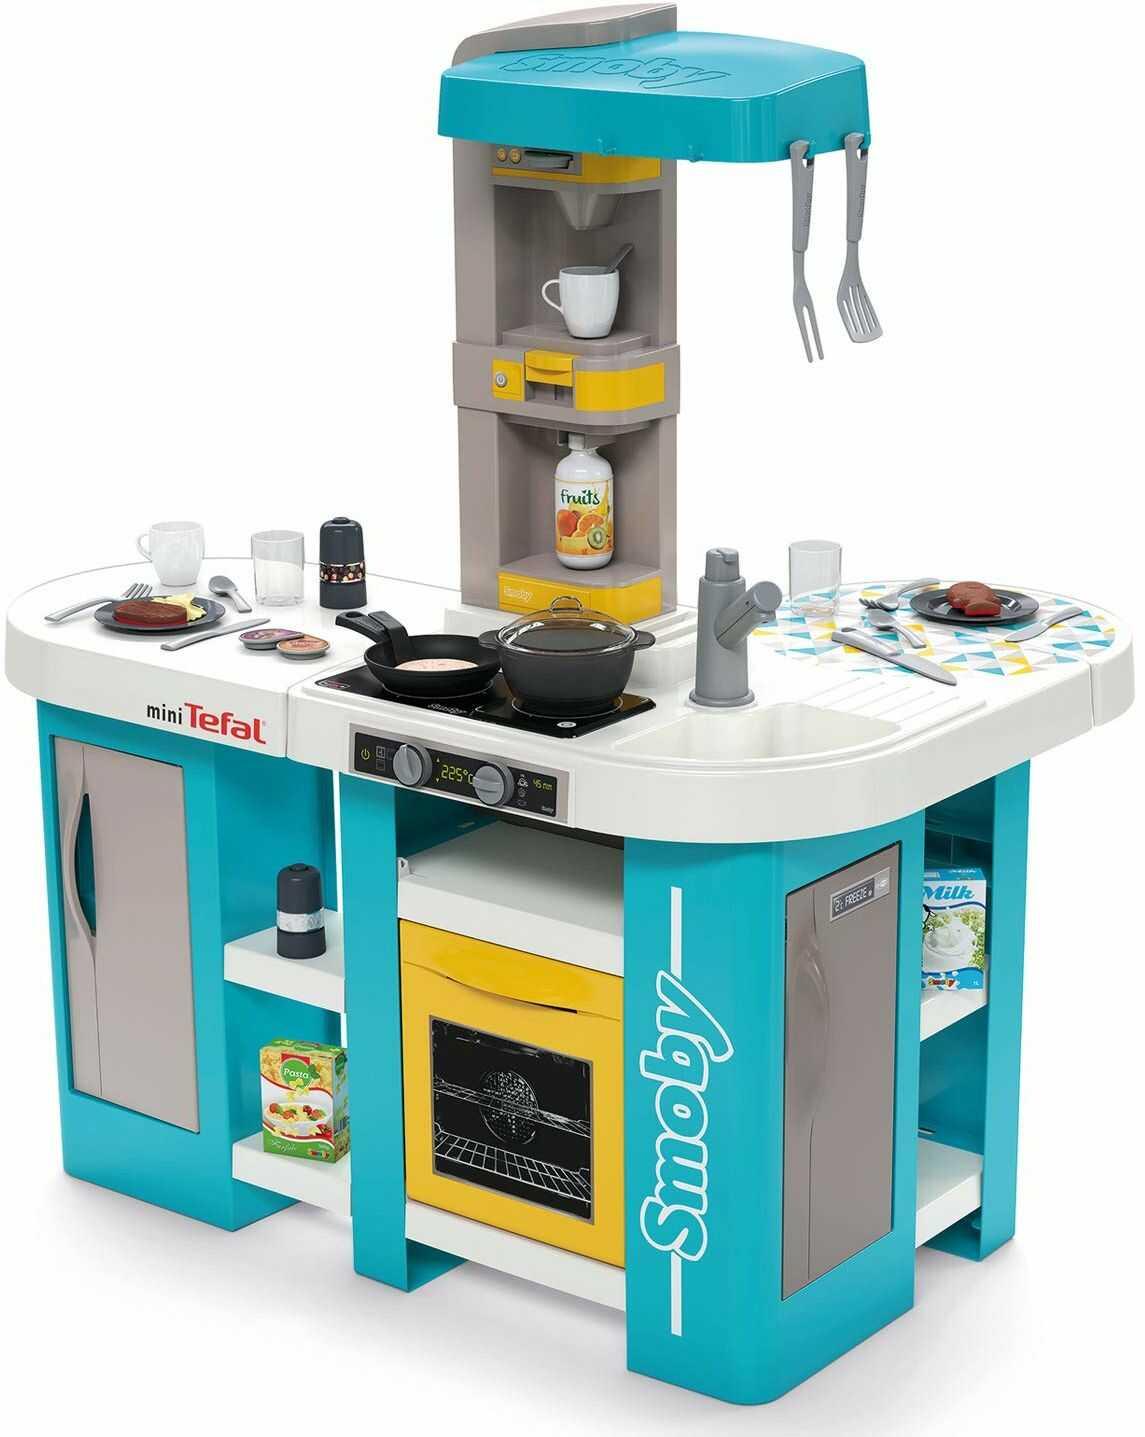 Smoby 7600311045 Tefal Studio Kuchnia XL Bańka, niebieski